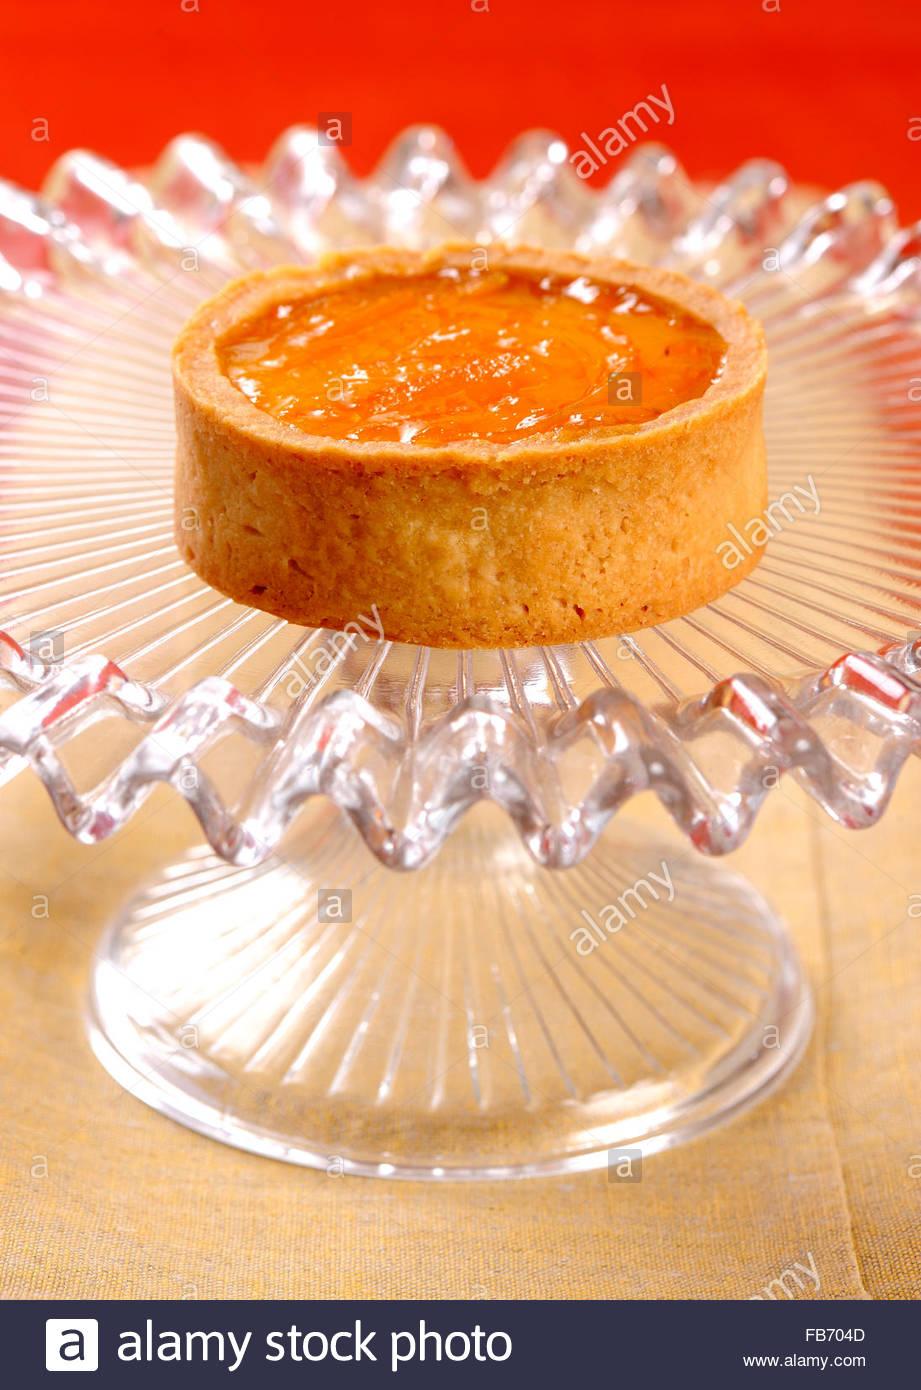 Bavarese con arance amare,galdina della seta,pasticceria galdina,MILANO Immagini Stock